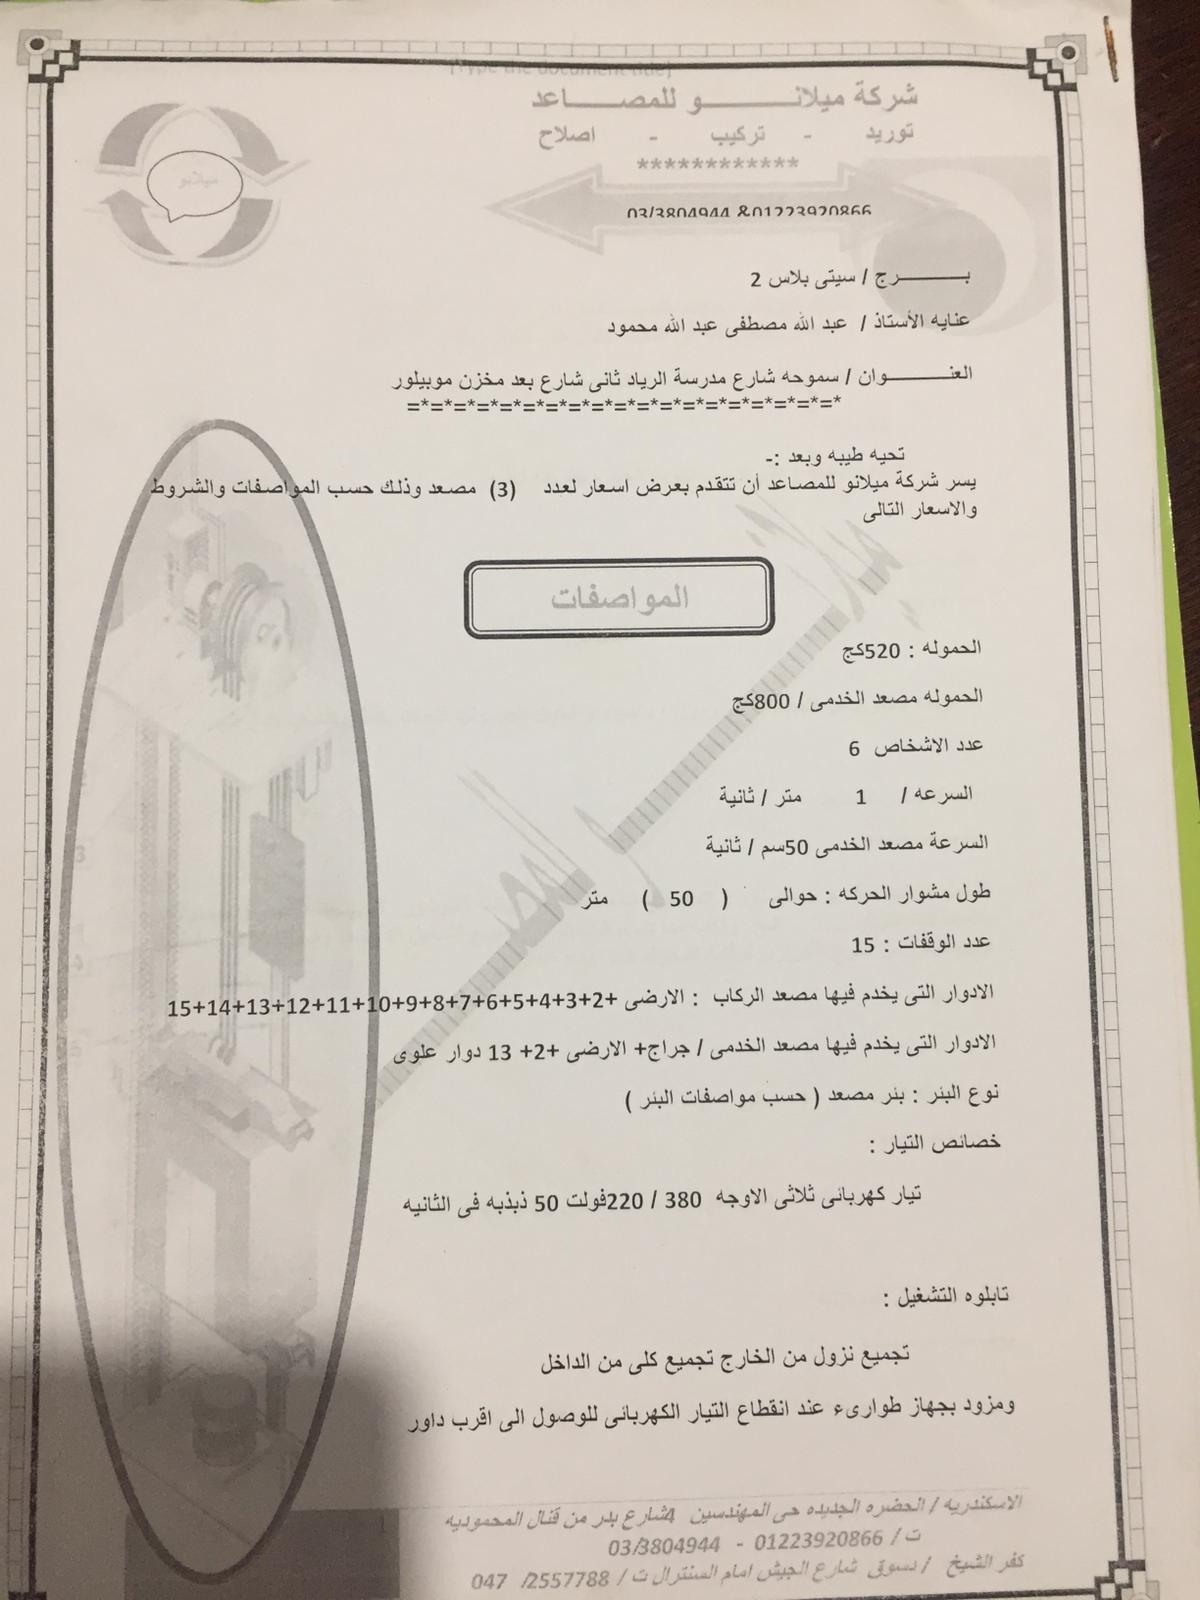 أزمة مشروع سيتي بالاس بالإسكندرية (57)